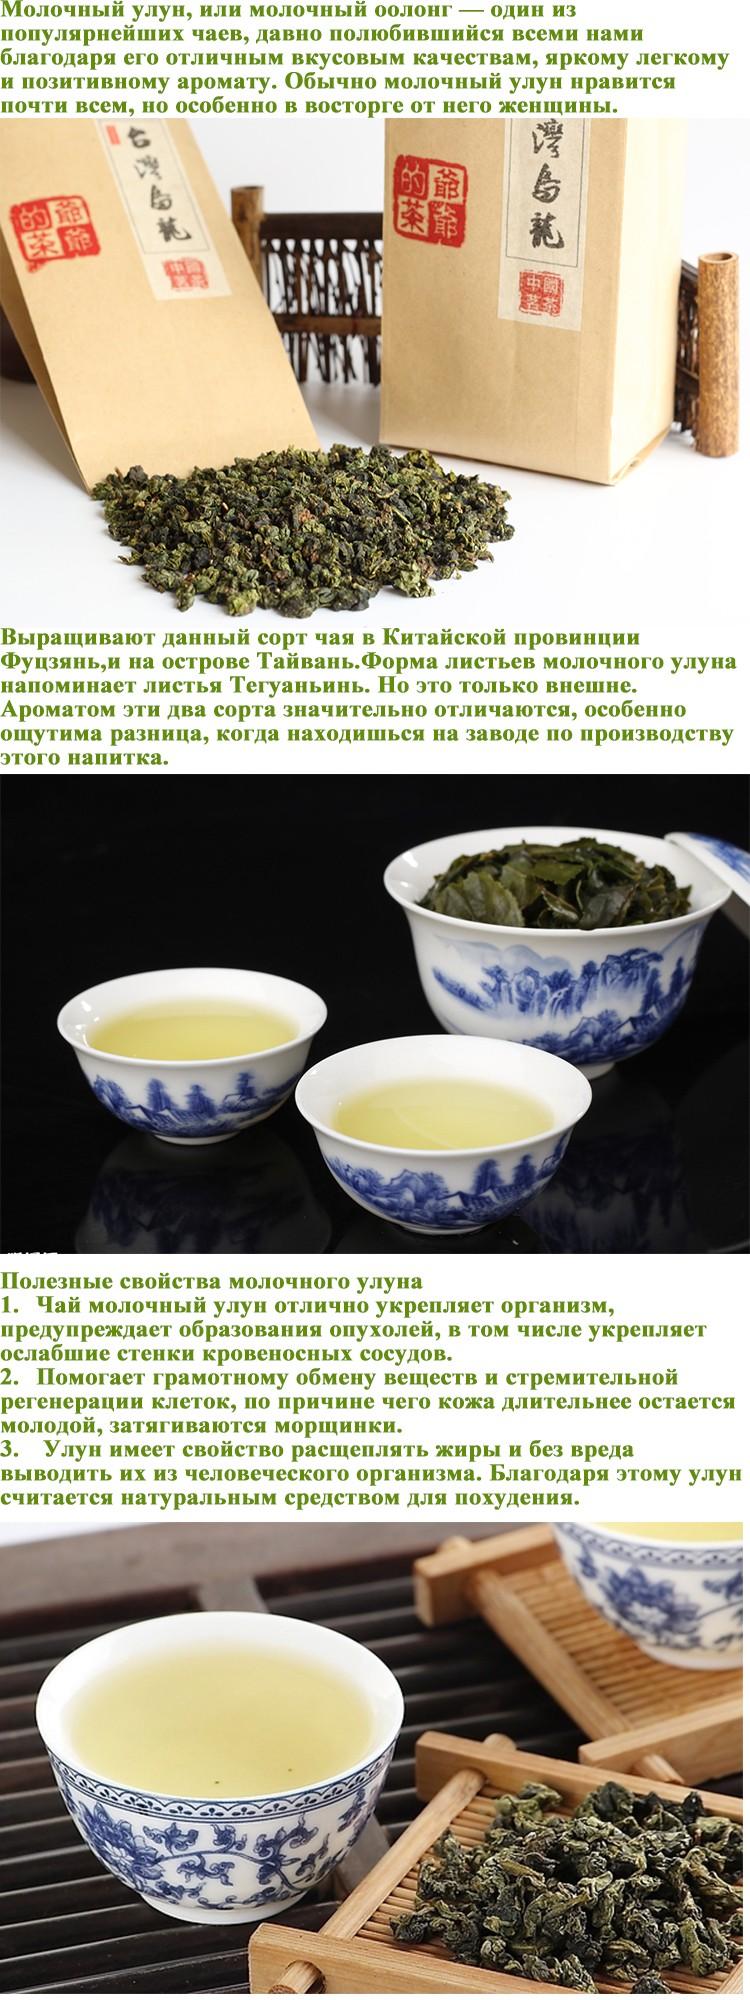 Зеленый чай и кофе для похудения хрома и экстракт гарцинии притупляют чувство голода, способствуют расщеплению